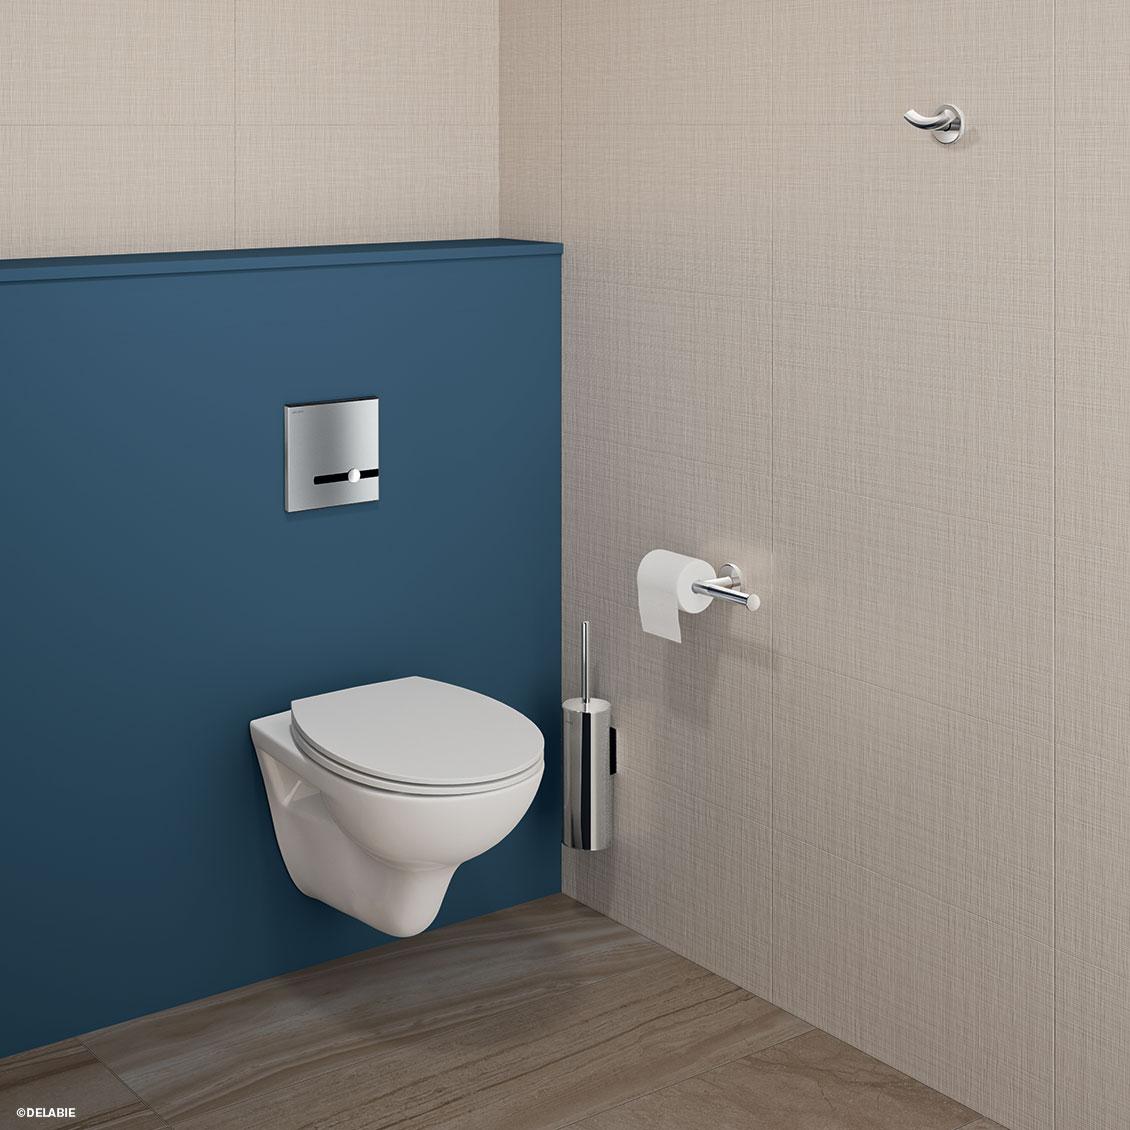 Büro-Toiletten